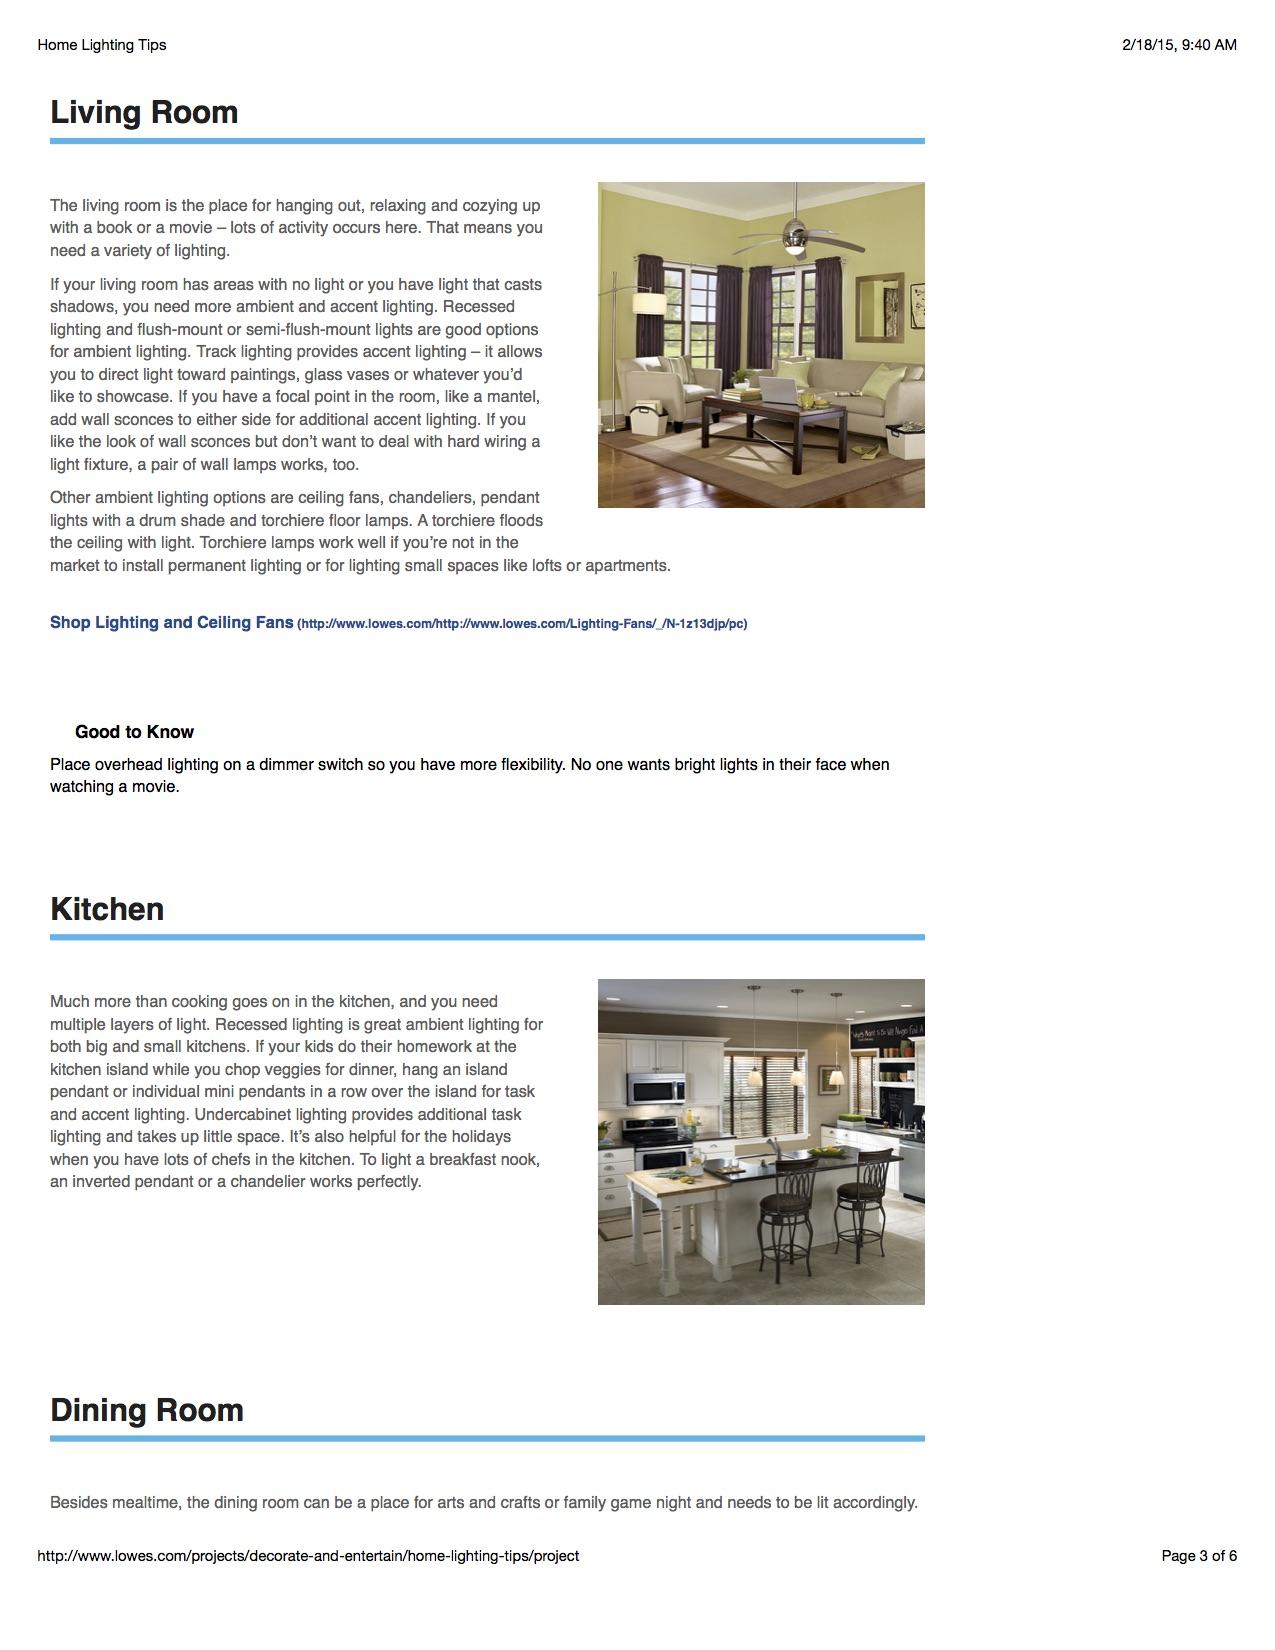 Home Lighting Tips_3.jpg